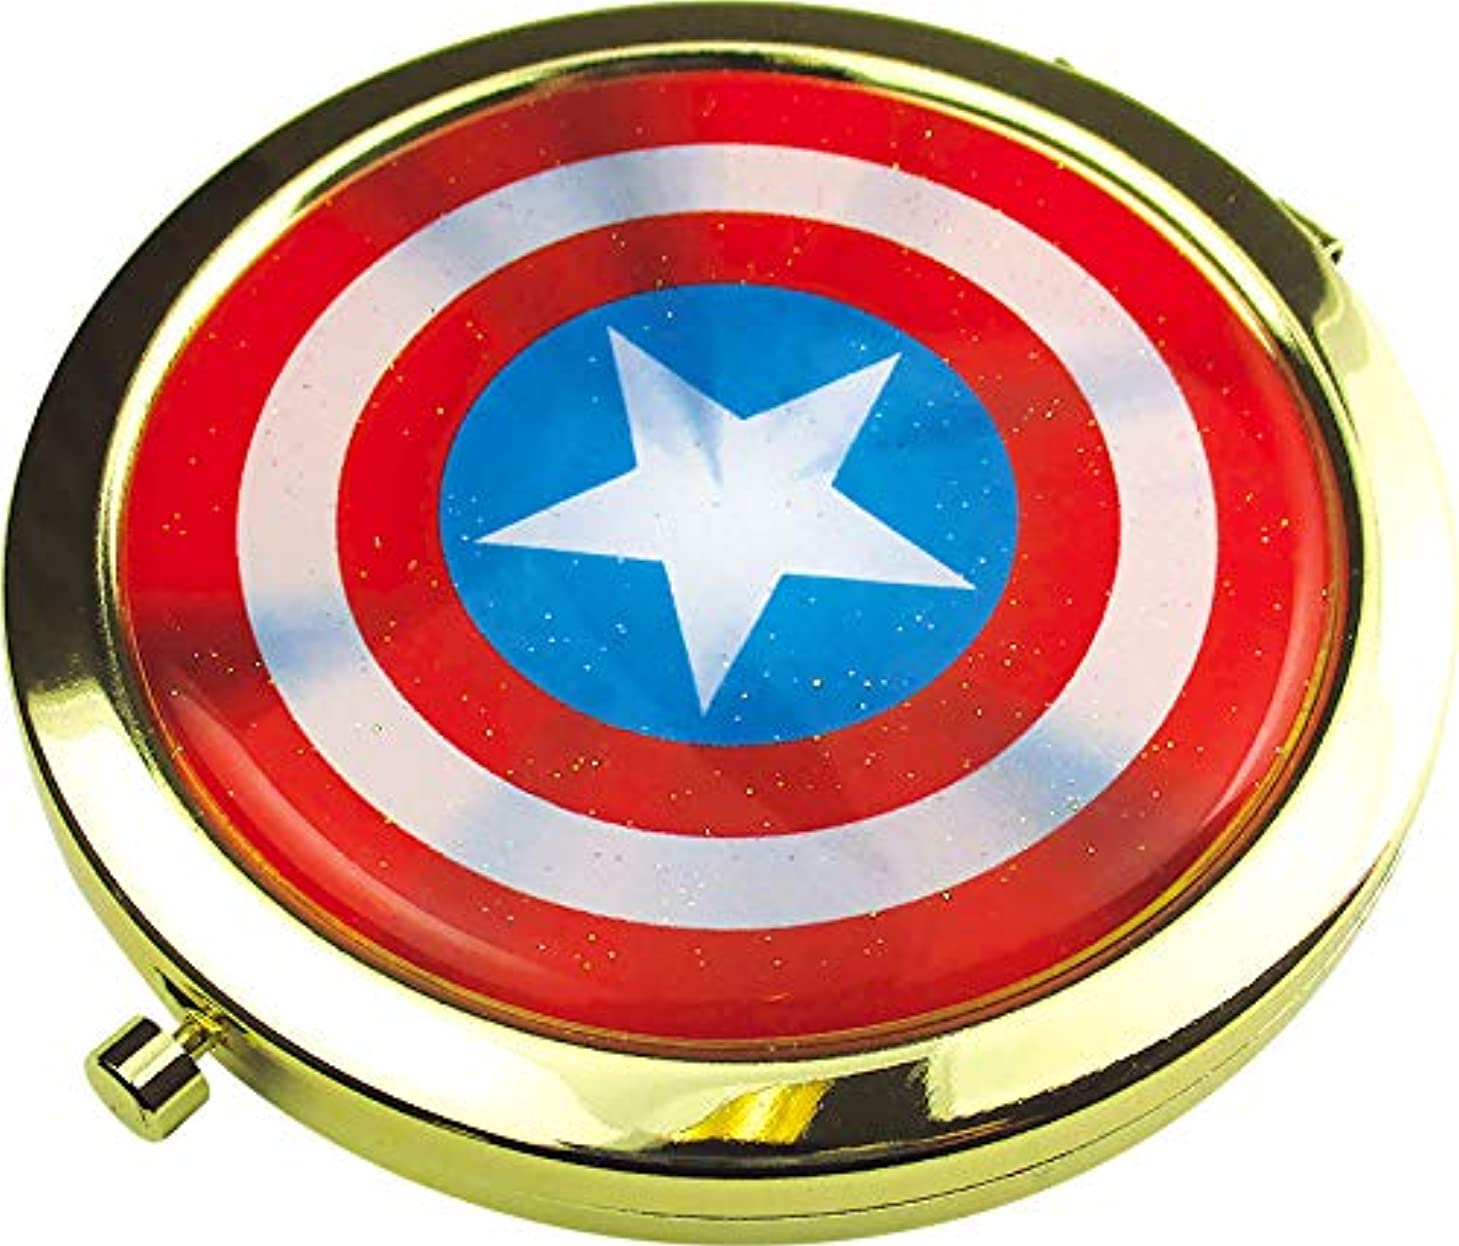 緩やかな横無駄なティーズファクトリー 鏡 マーベル キャプテン?アメリカ Wコンパクトミラー MV-5537052CA